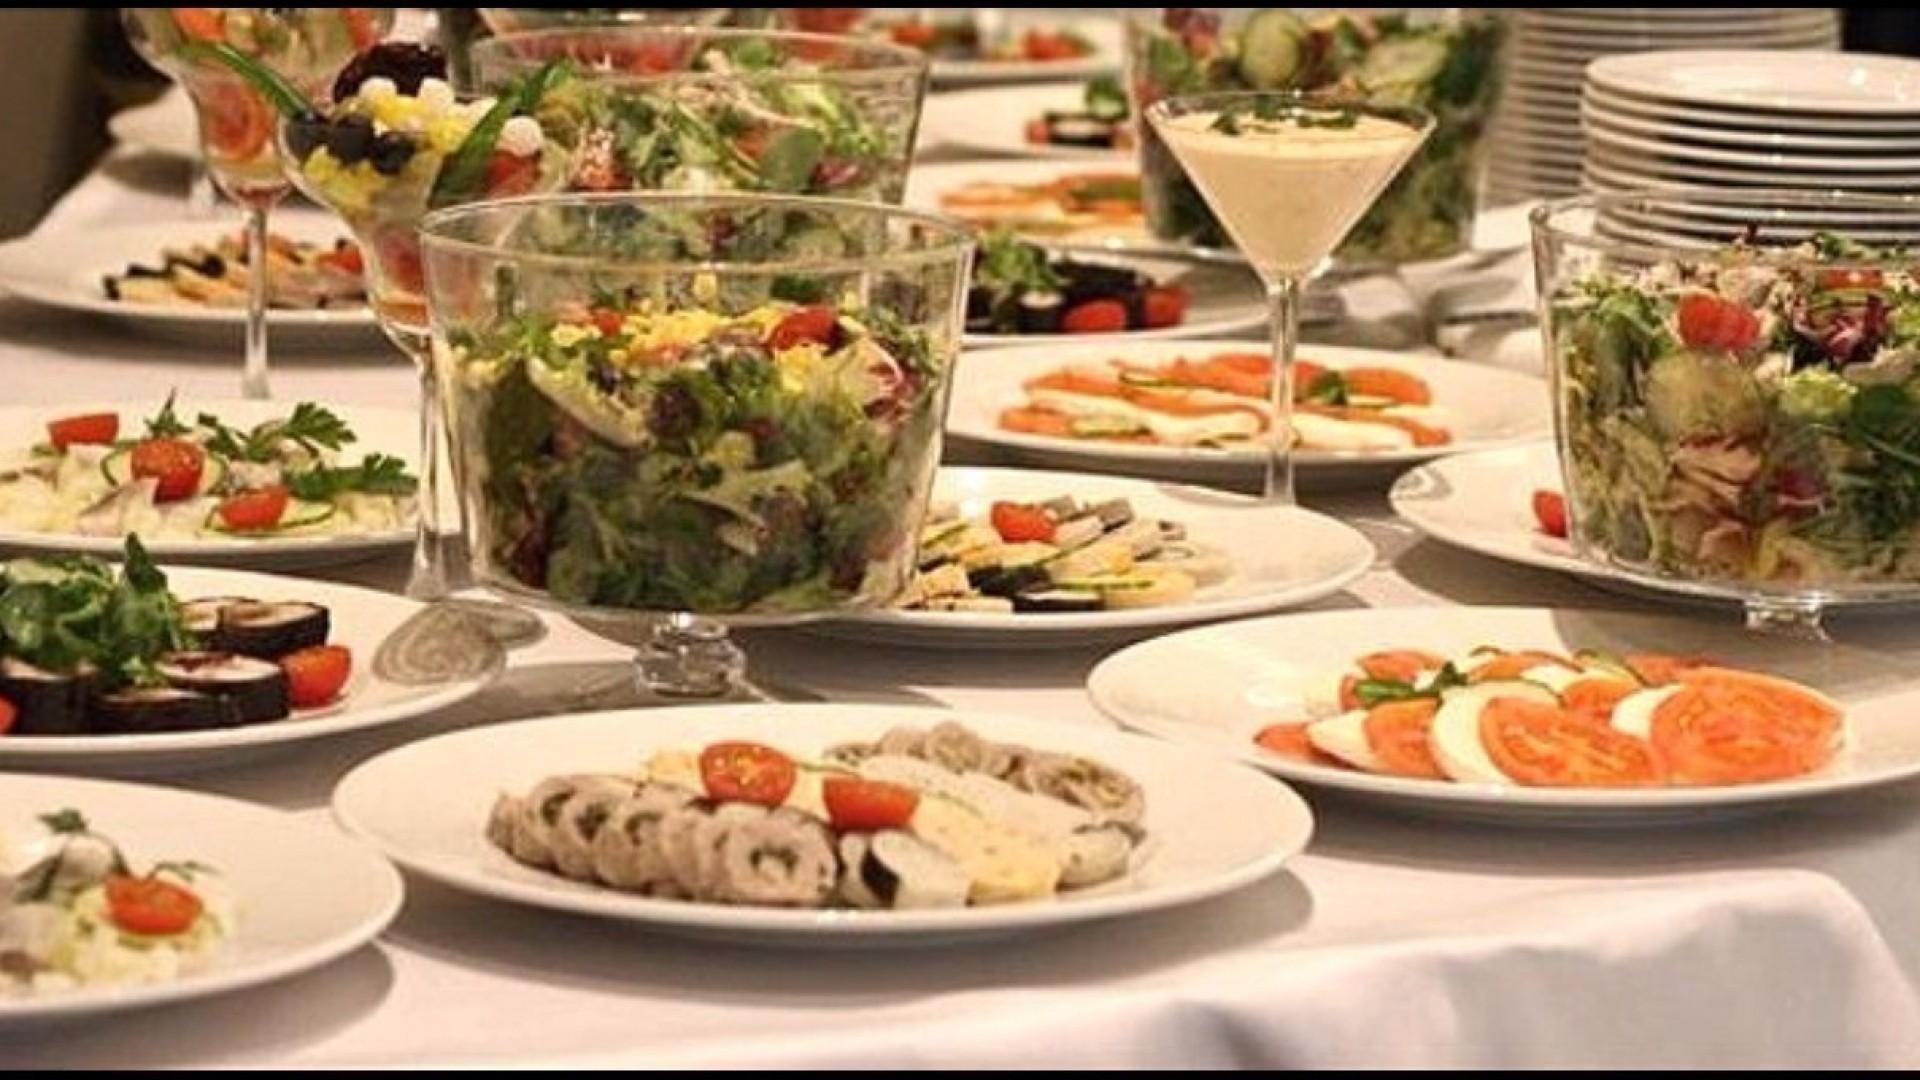 Чтобы такое съесть, чтобы похудеть…вновогодние праздники?